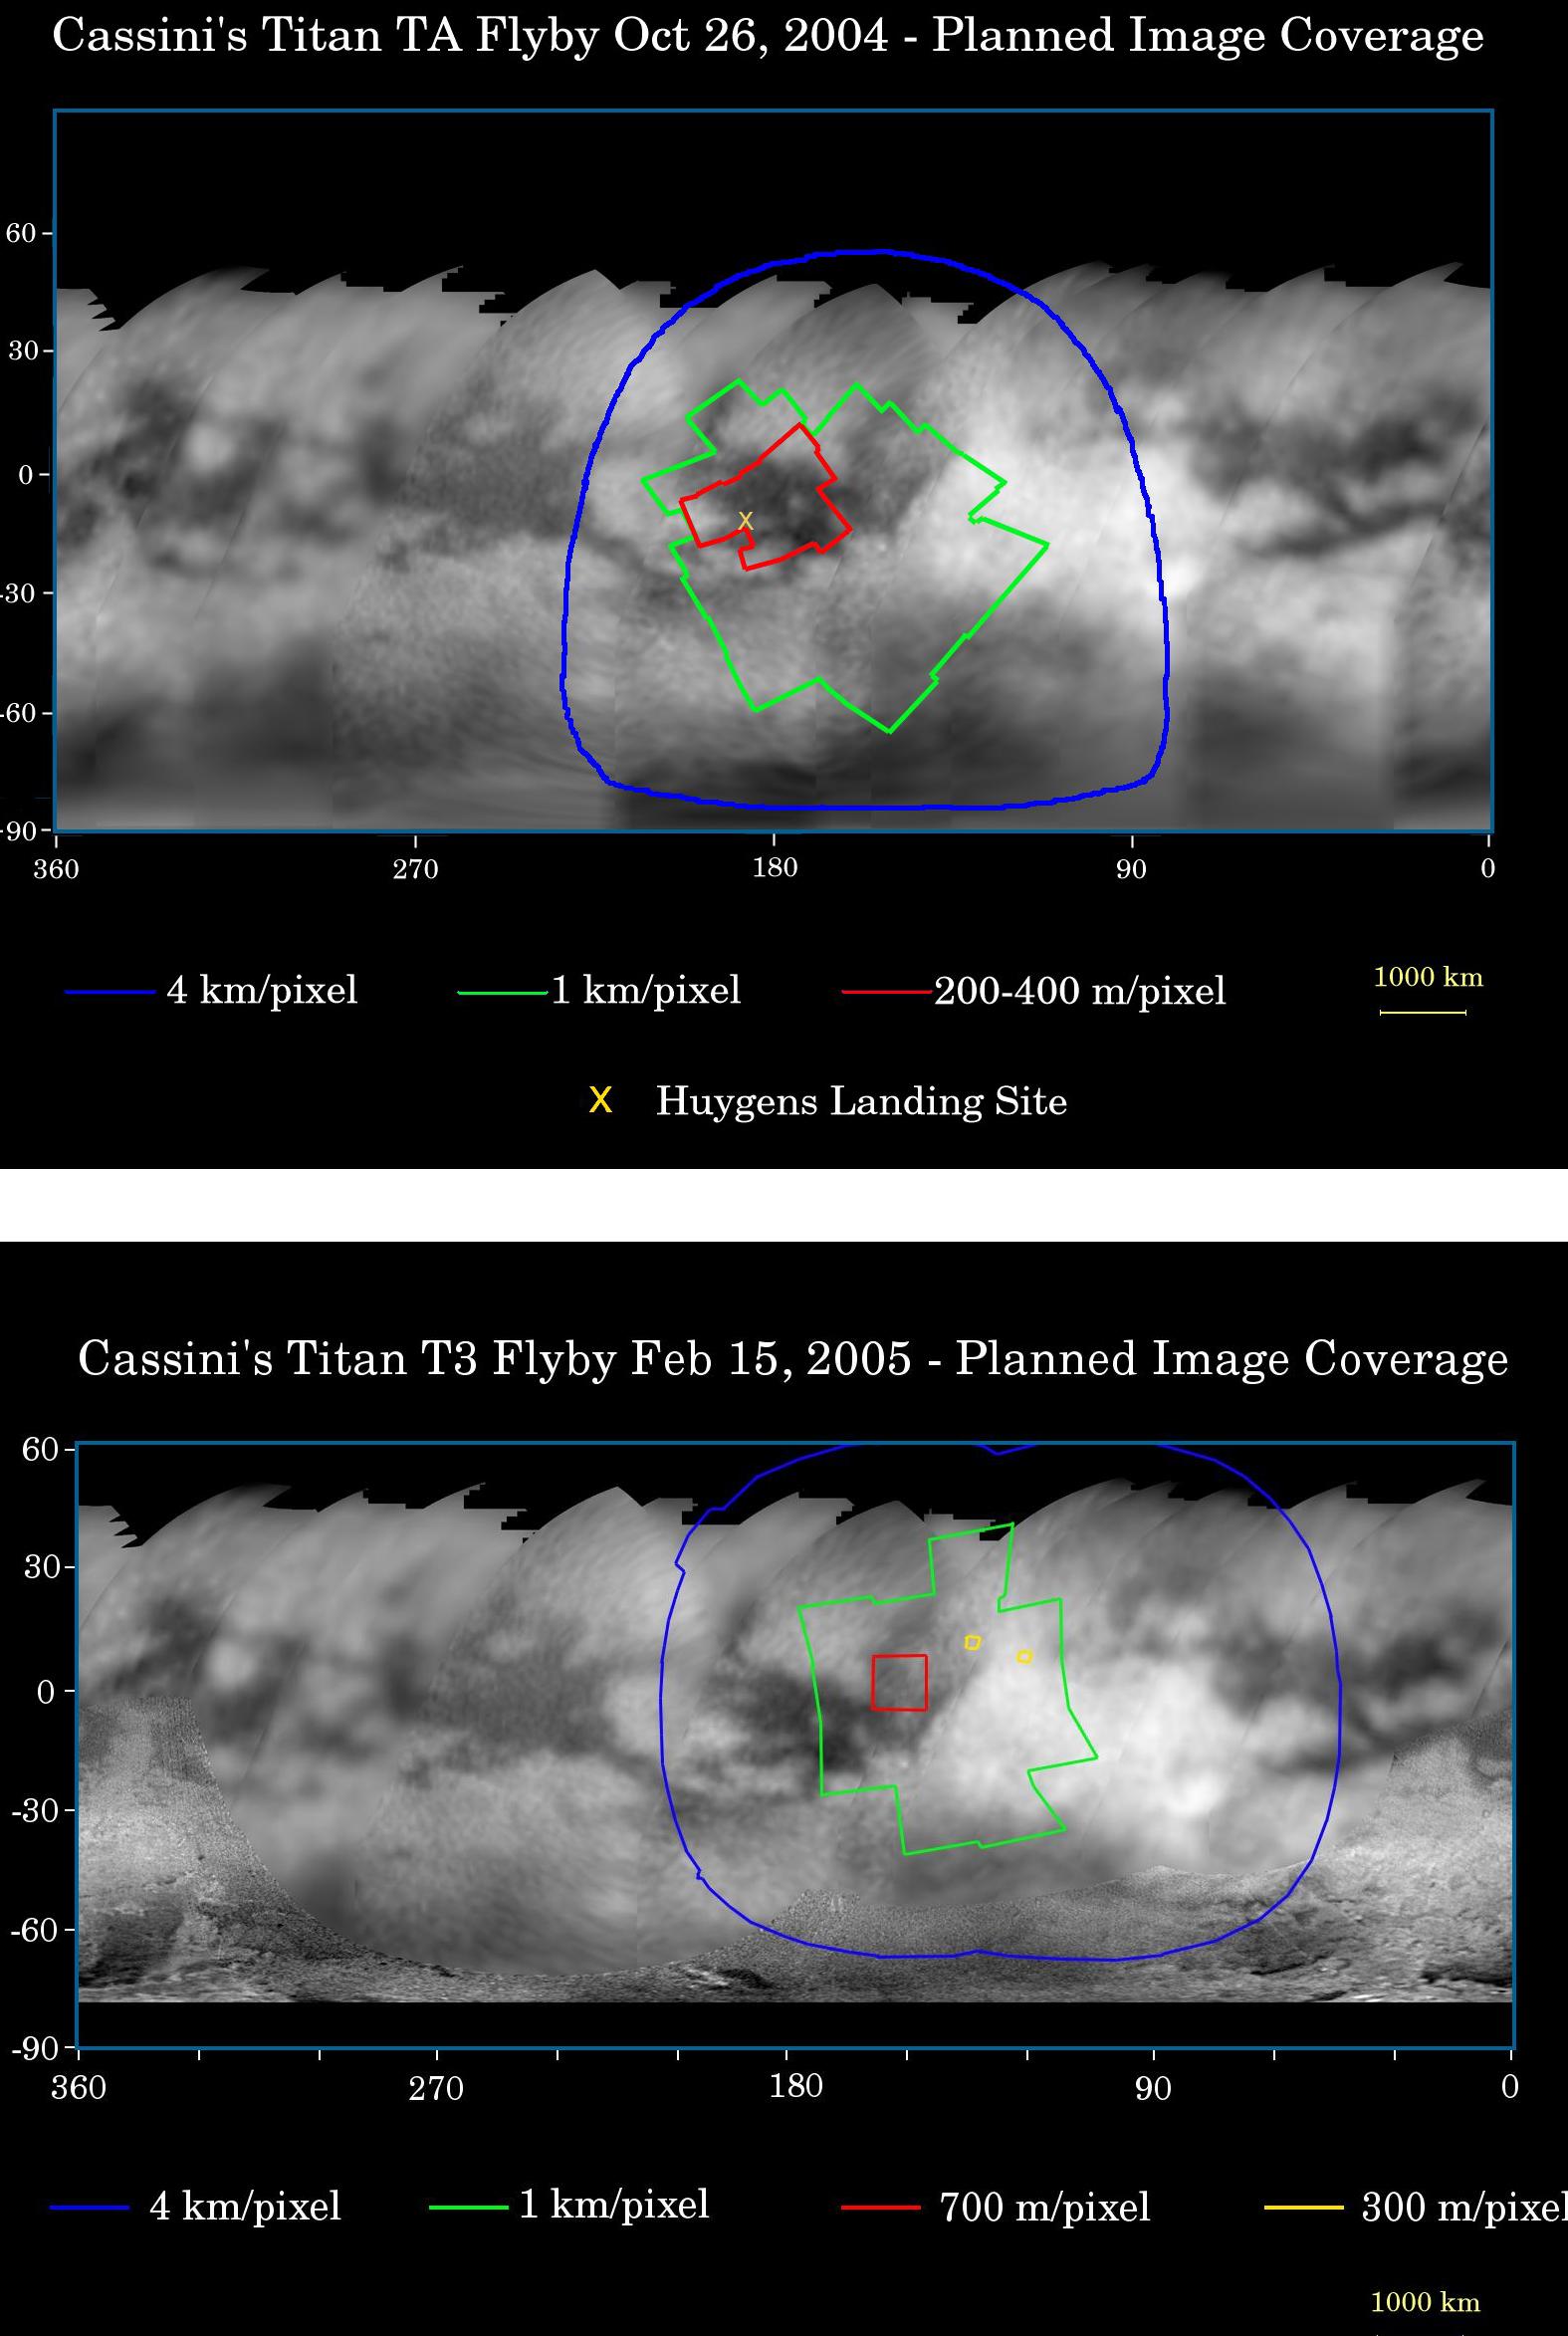 Localisation et résolution des zones imagées sur Titan en octobre 2004 et en février 2005